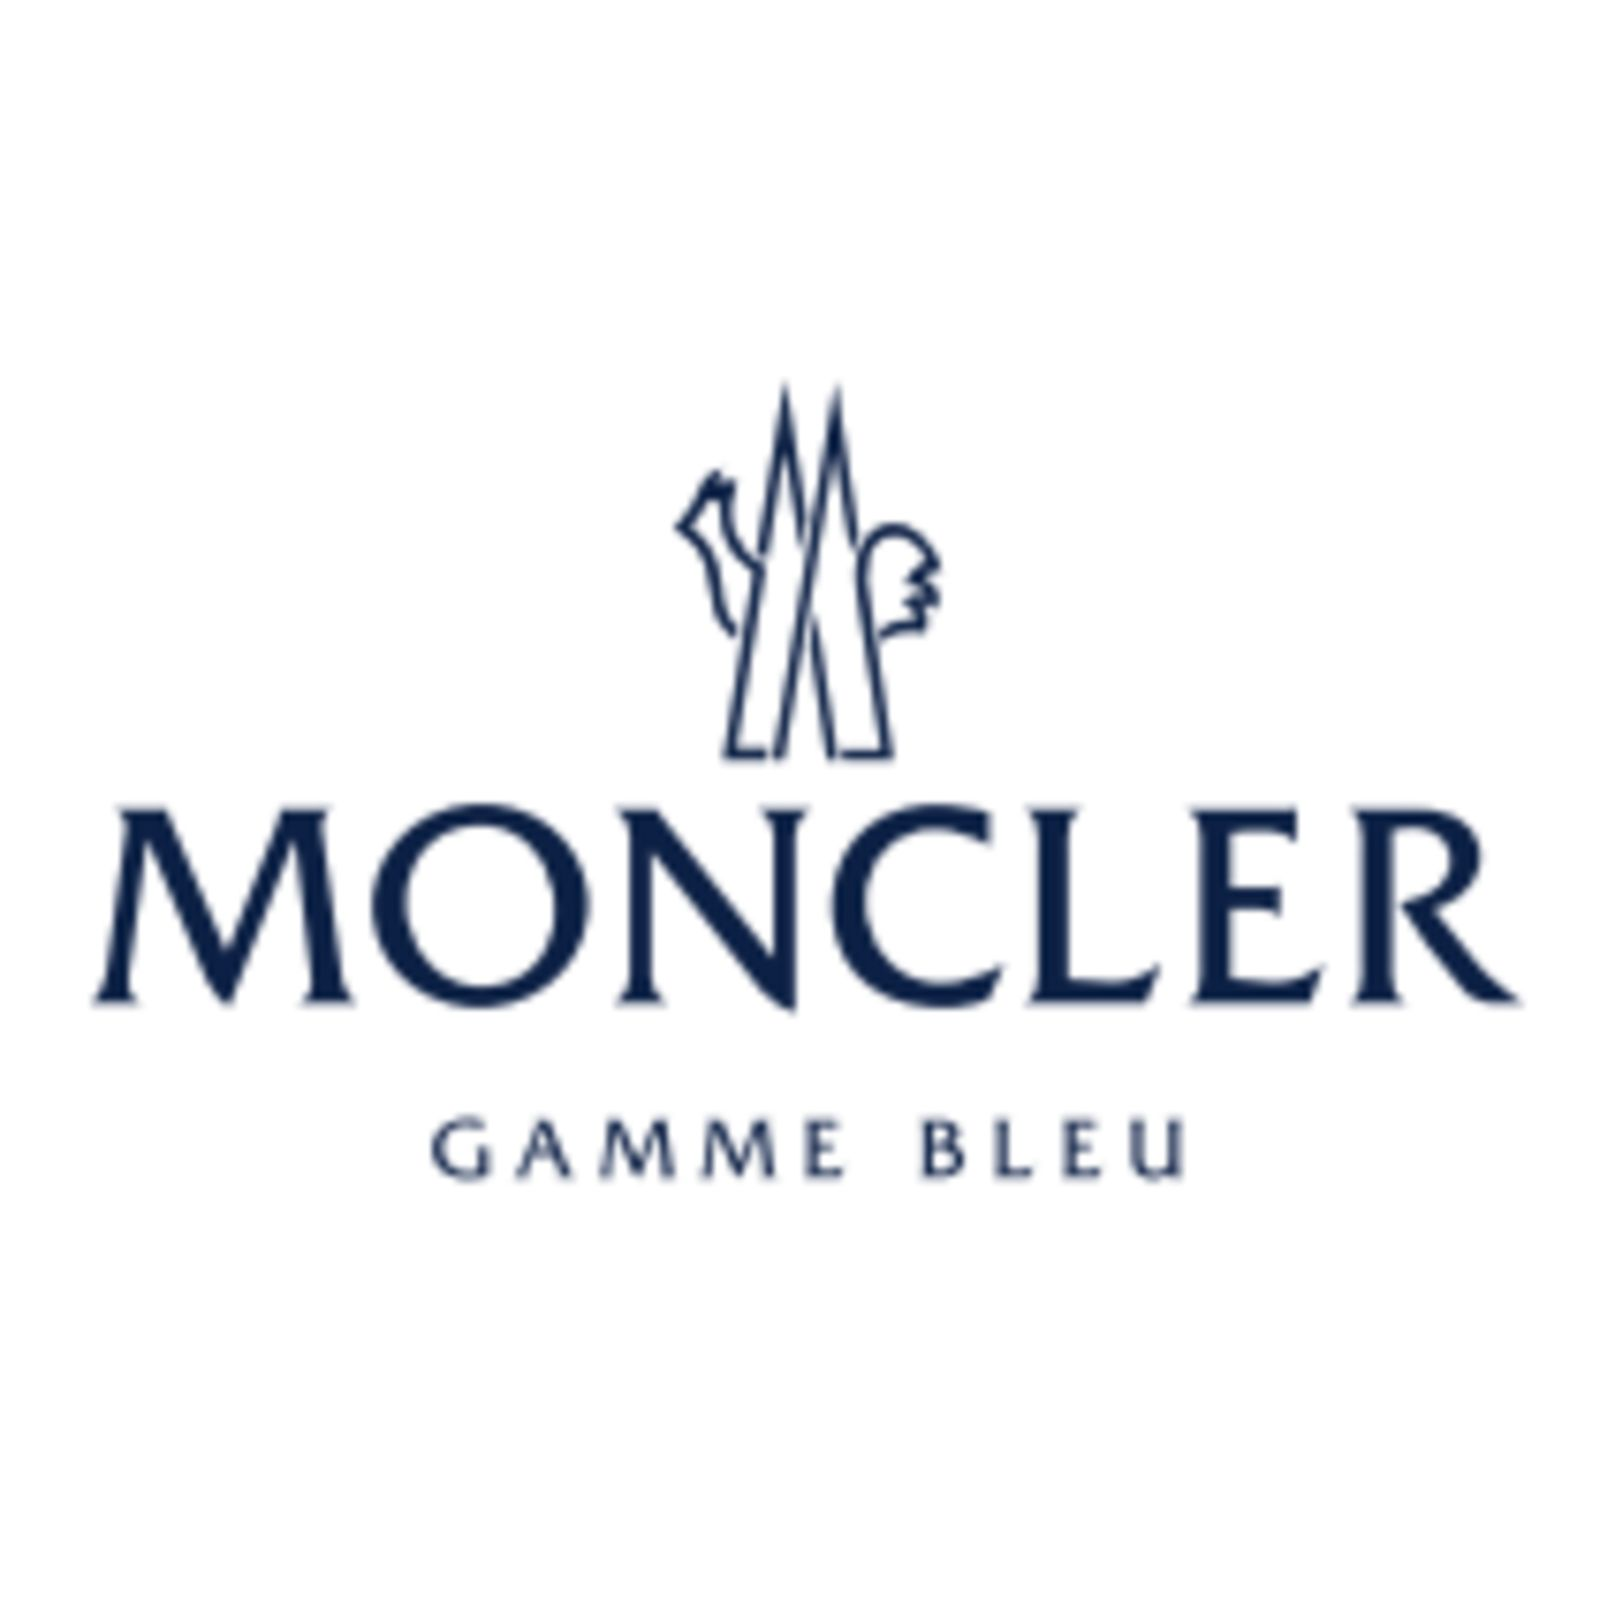 MONCLER GAMME BLEU (Bild 1)